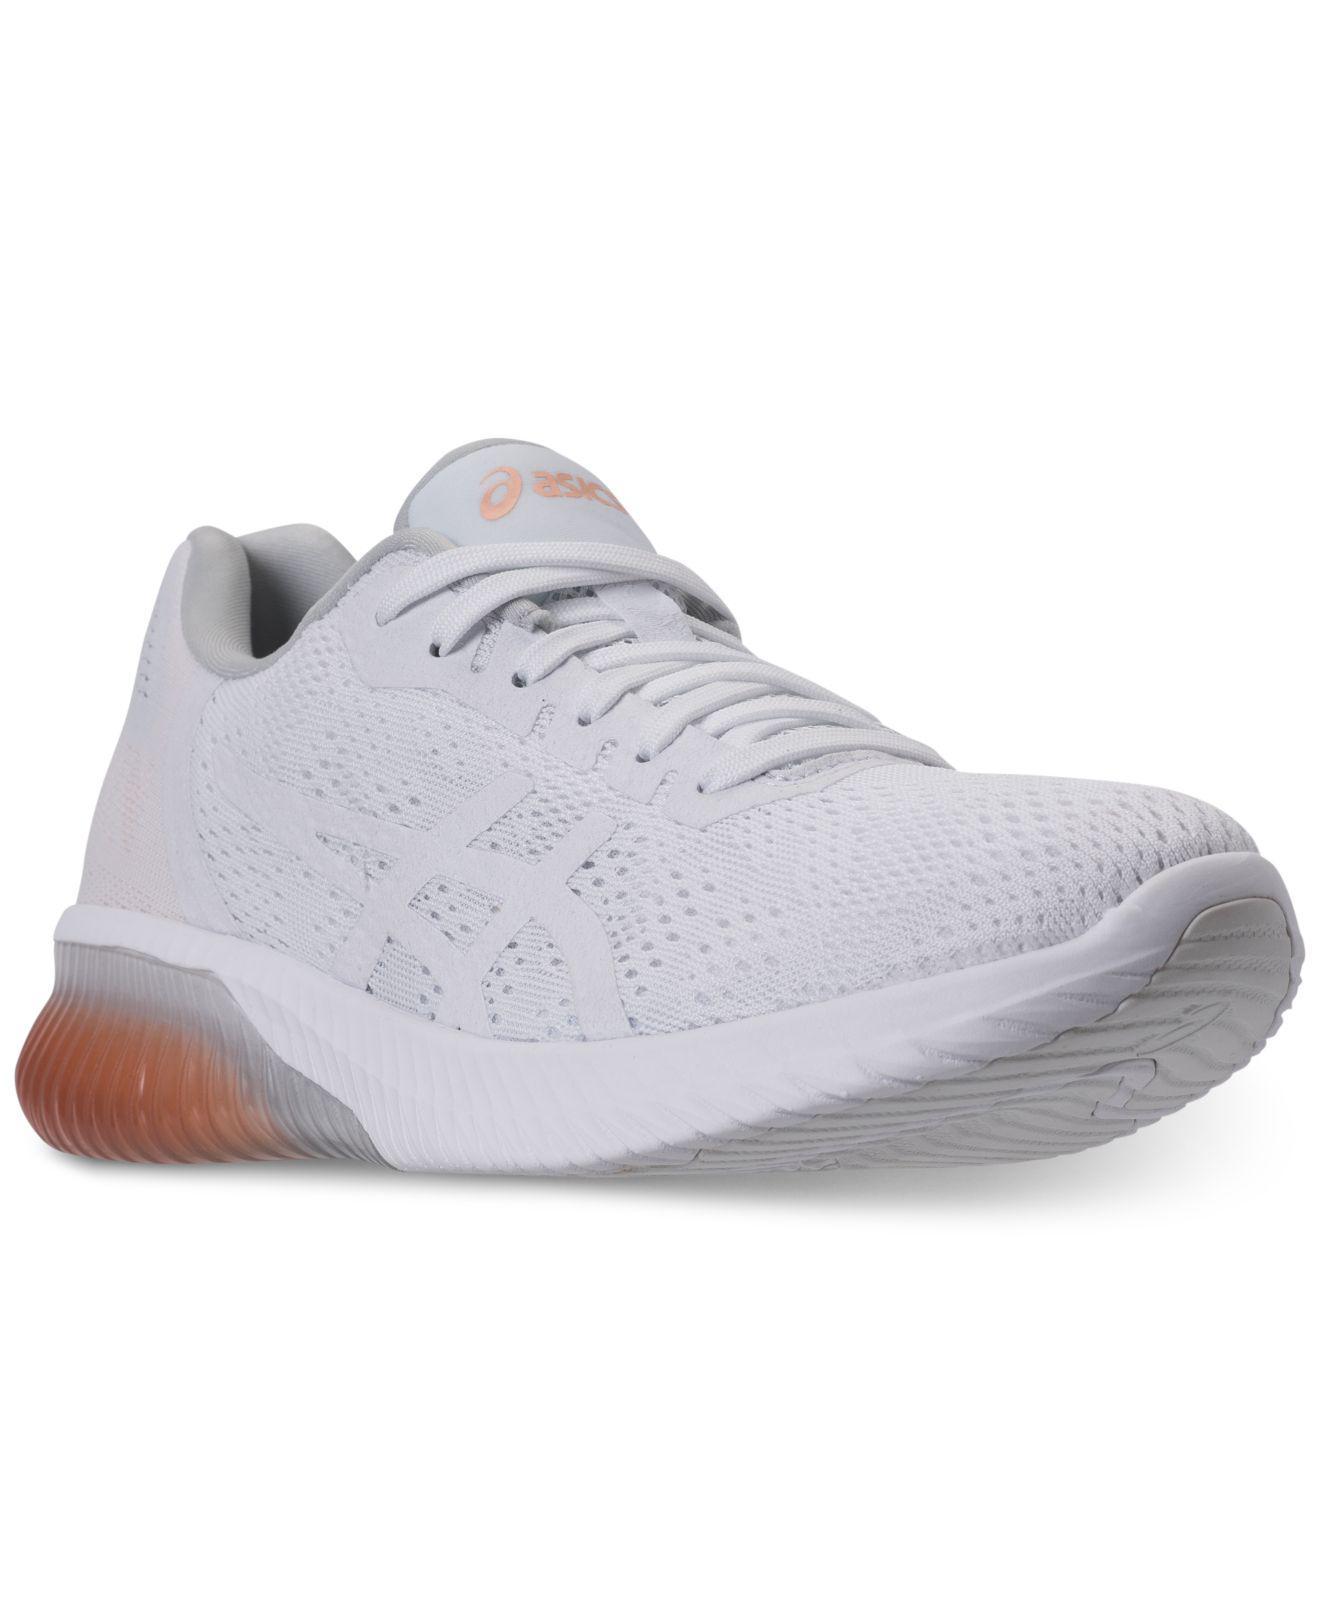 Lyst Asics Gel kenun Mx Mx Running Sneakers de en de la ligne de finition en blanc 8817262 - sbsgrp.website